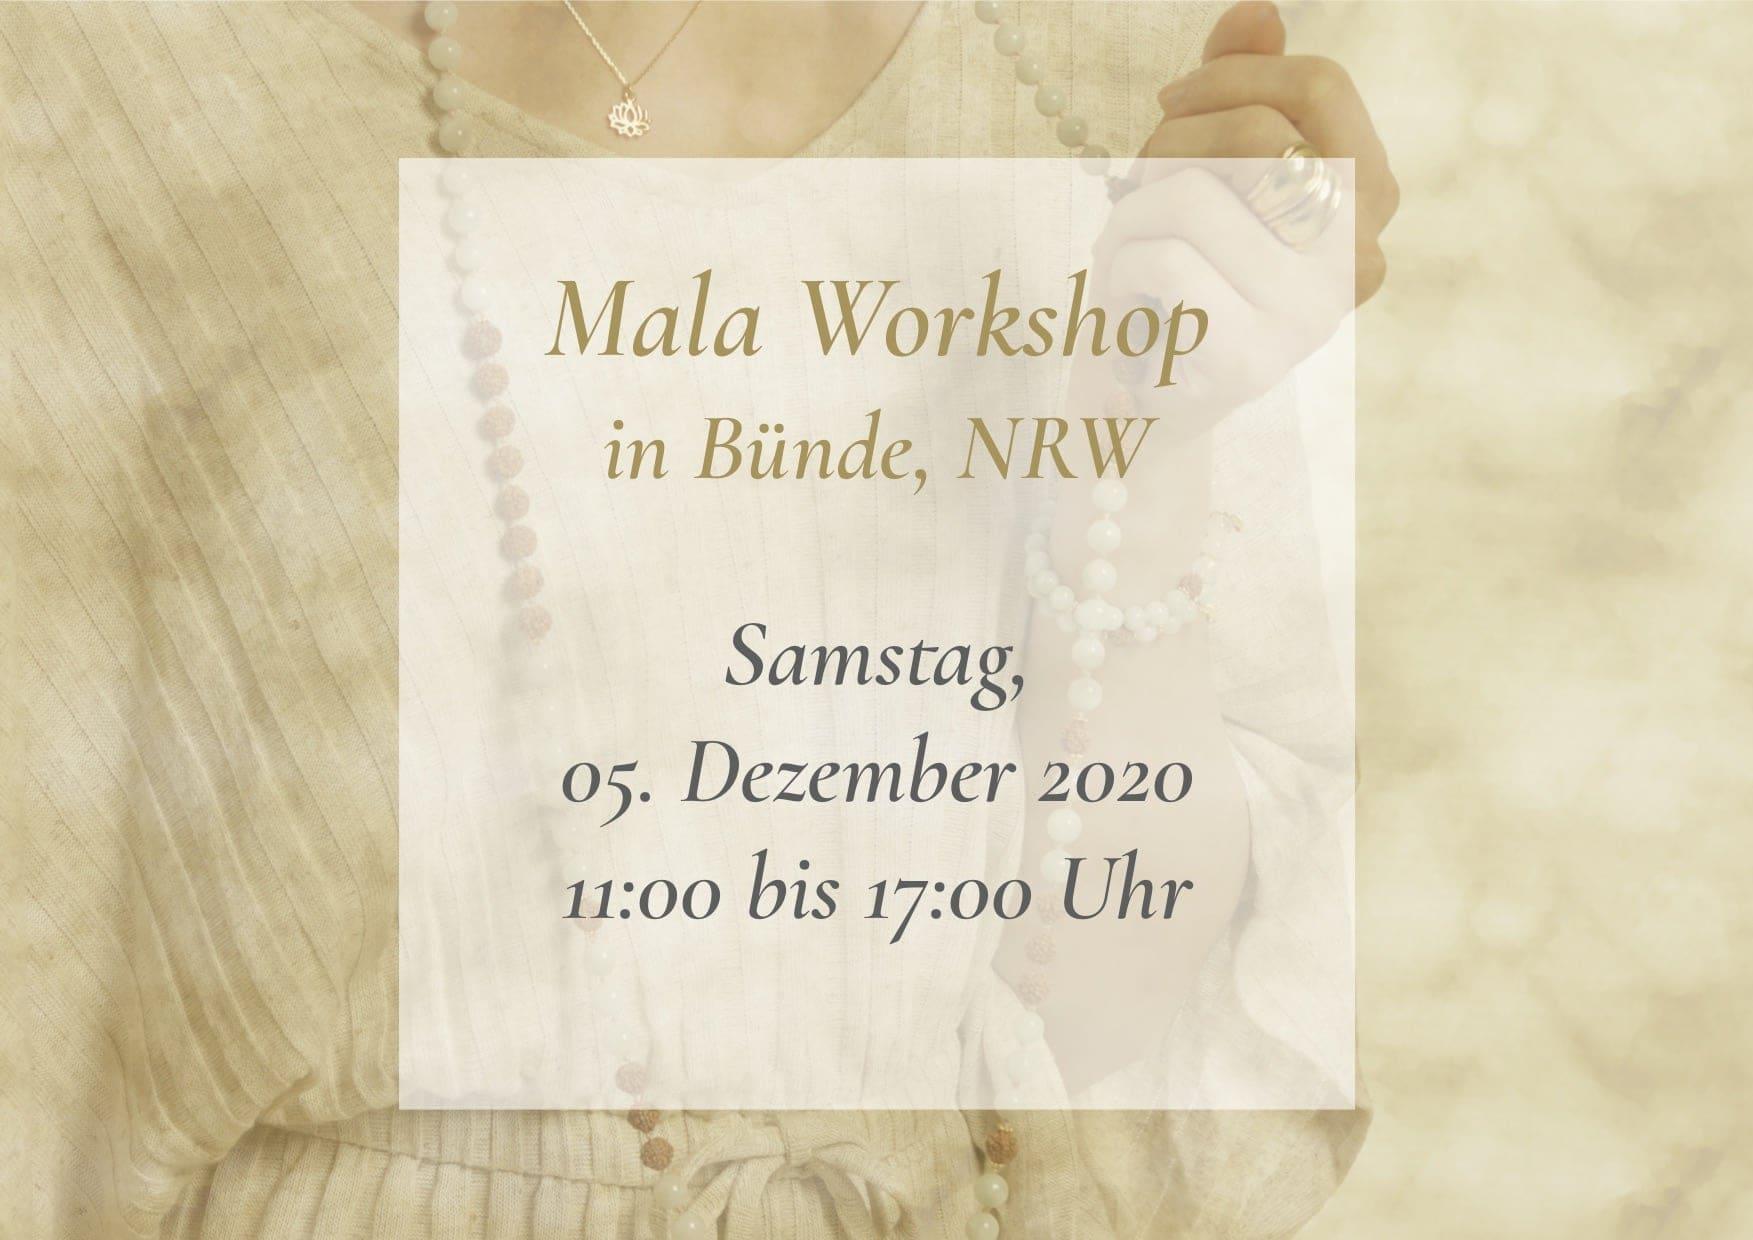 NW_Mala_WS_12_2020_Buende_EN